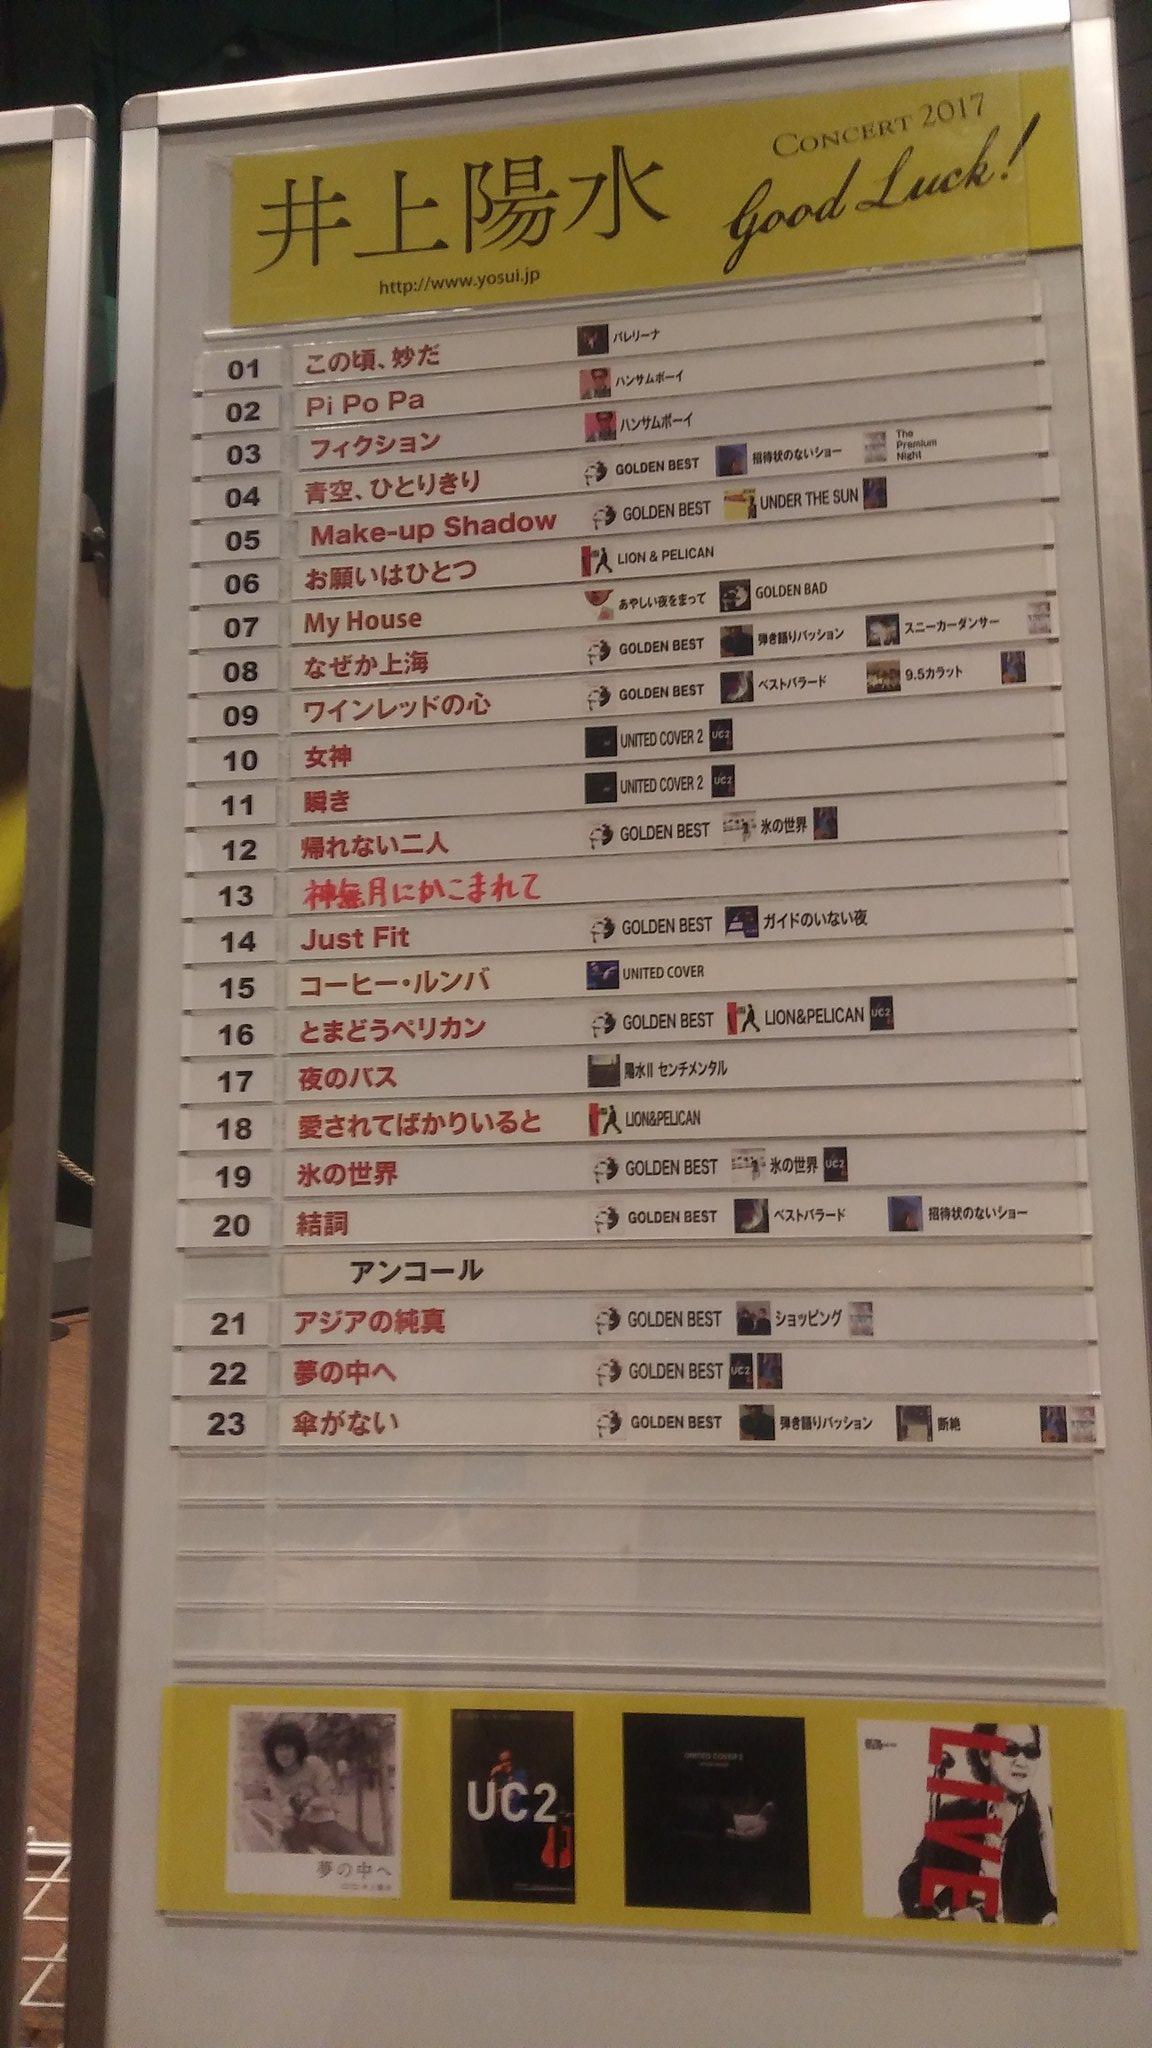 井上 陽水 コンサート 2019 セット リスト